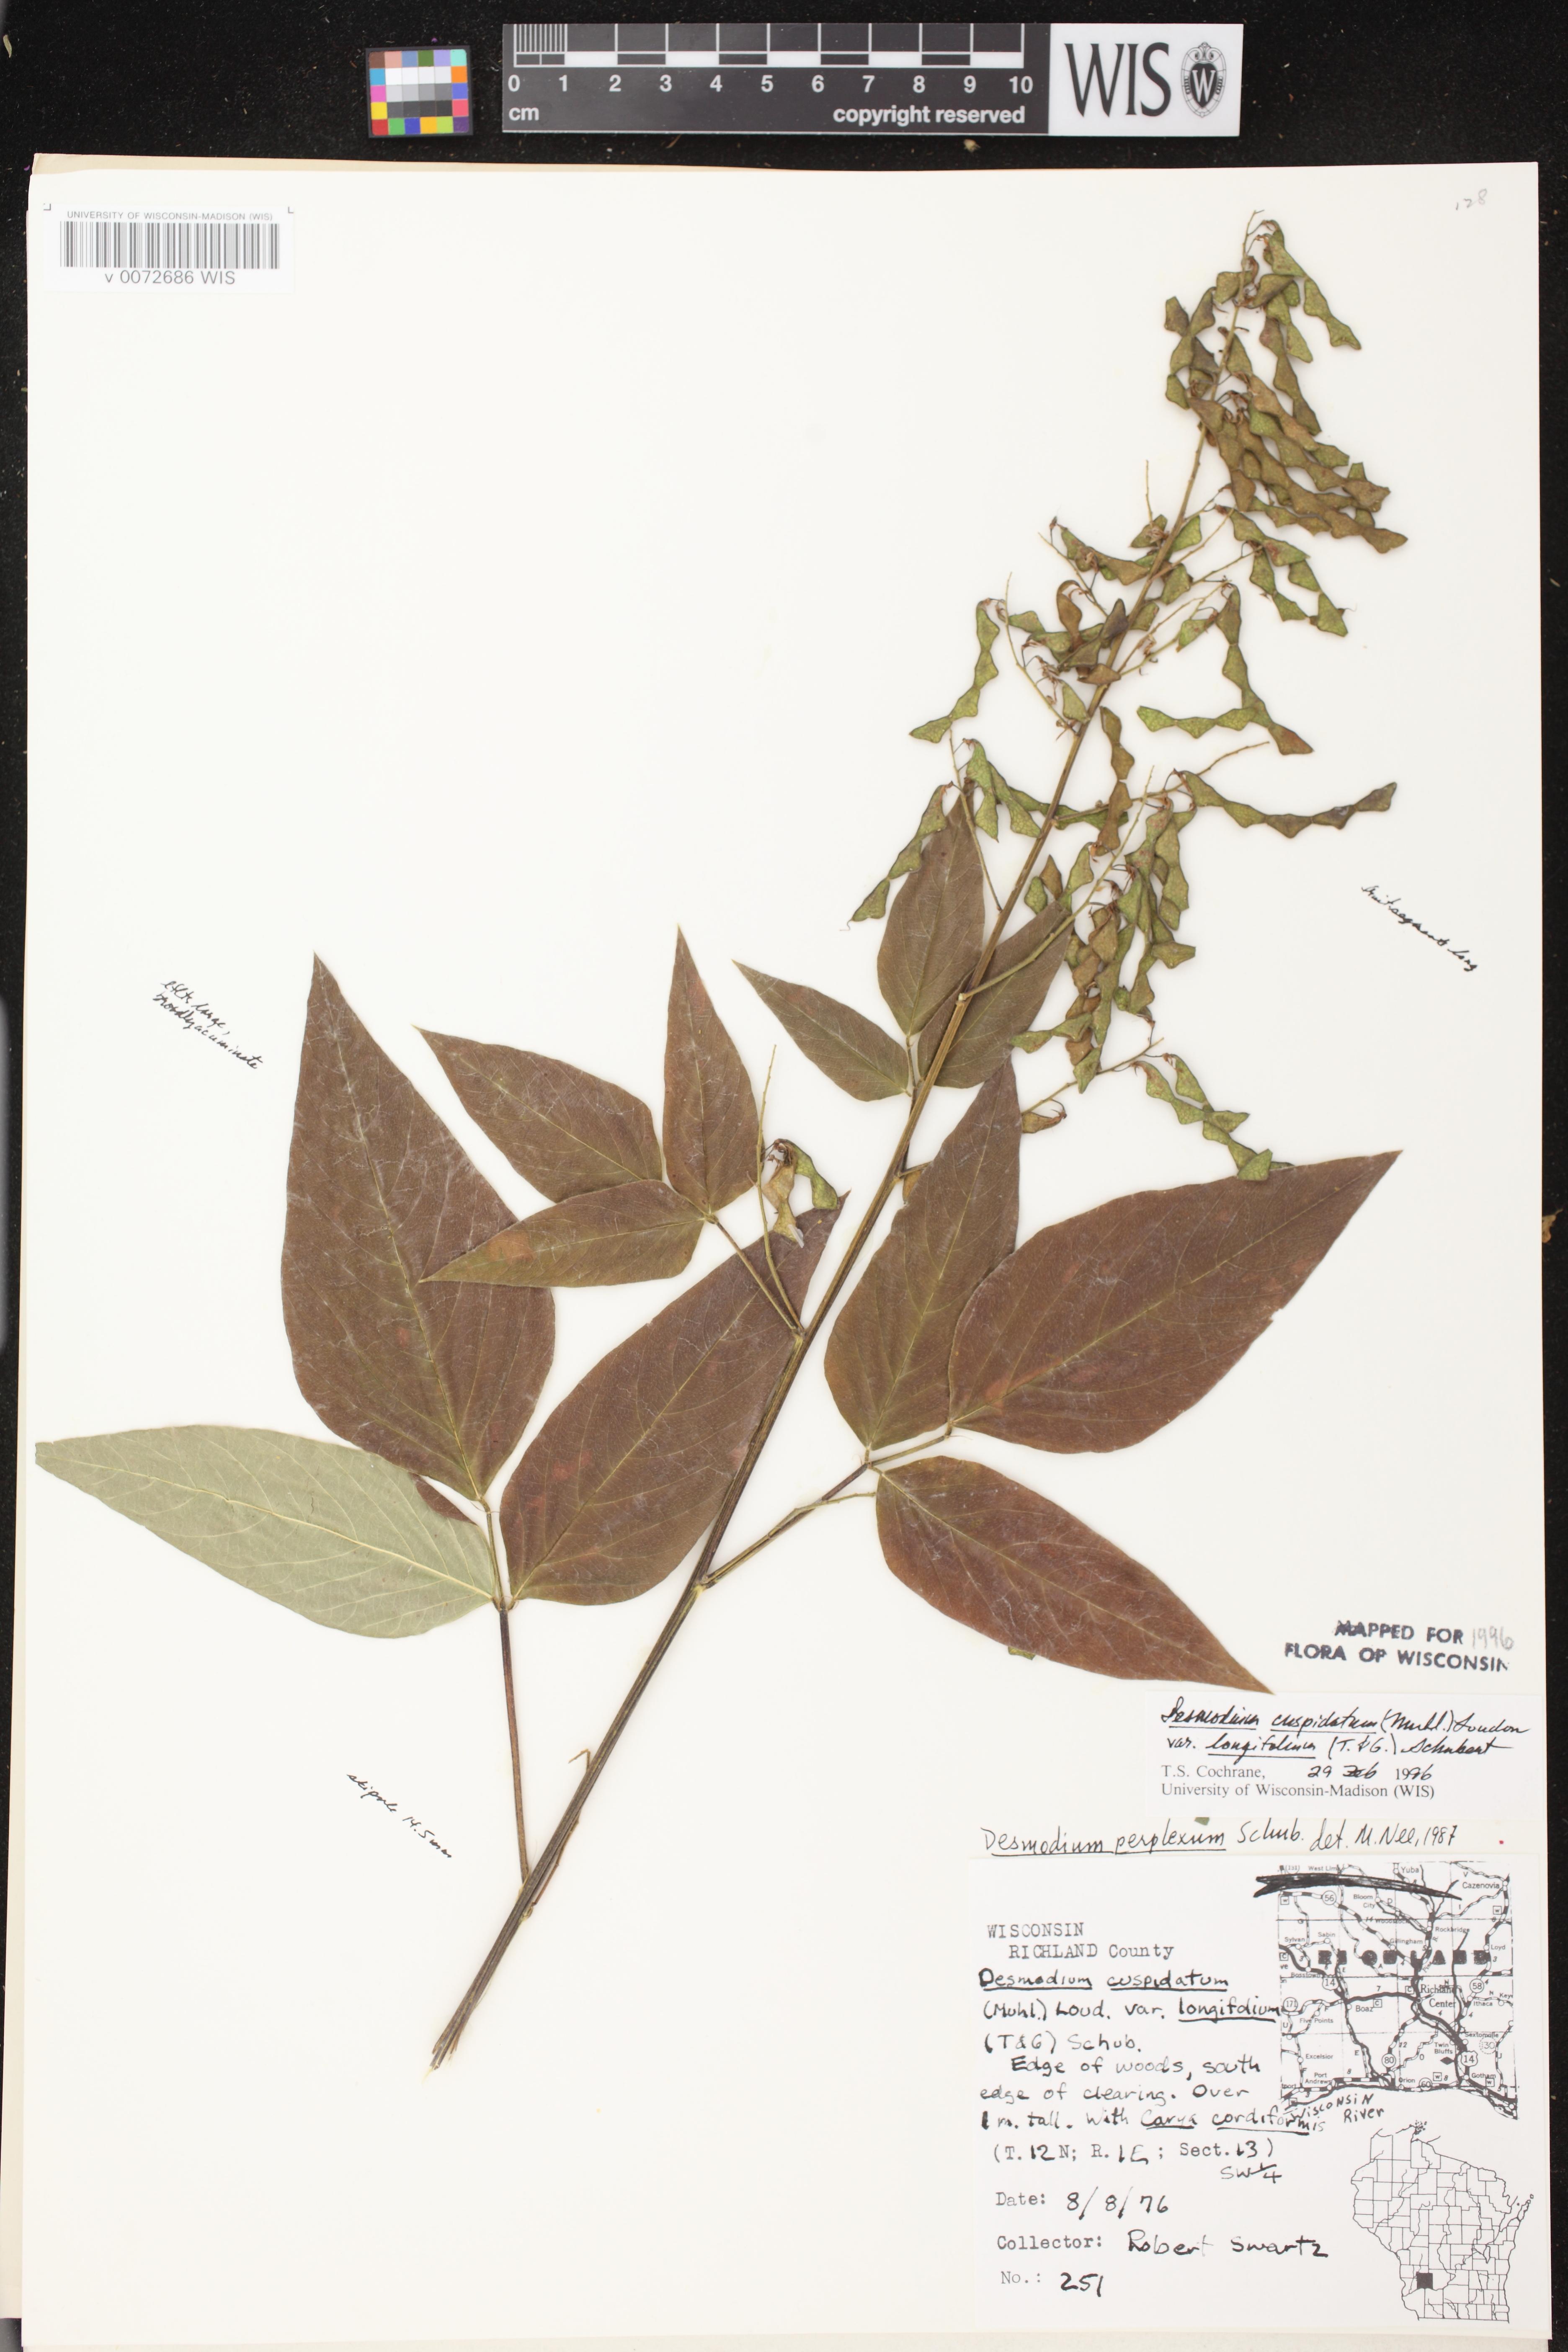 Image of Desmodium cuspidatum var. longifolium